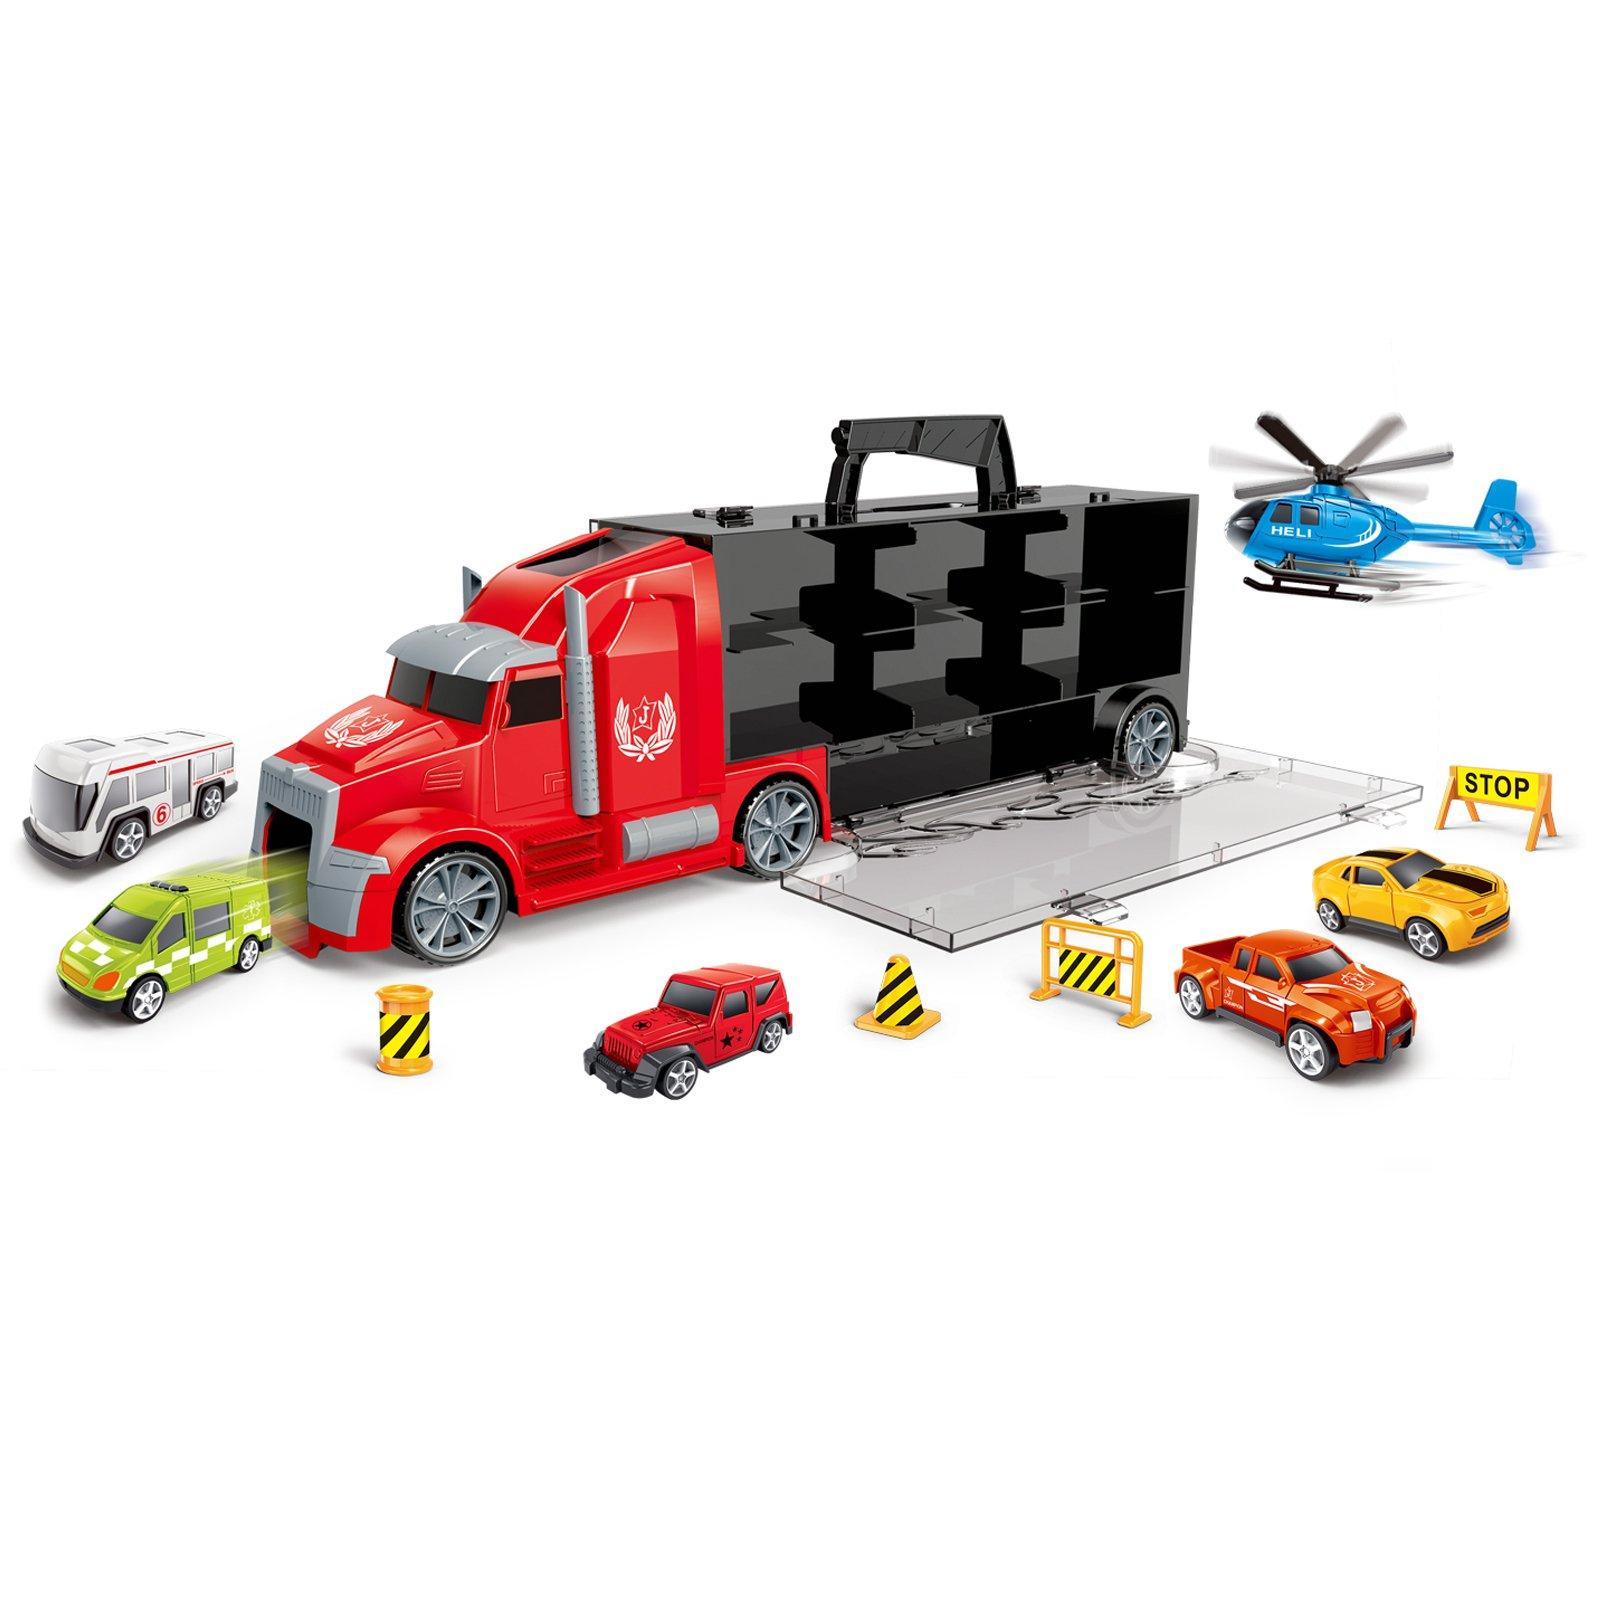 Kidplokio 1:64 Scale Diecast Hot Rod Car Carrier for Toy Race Cars, Boys Ages 3-8